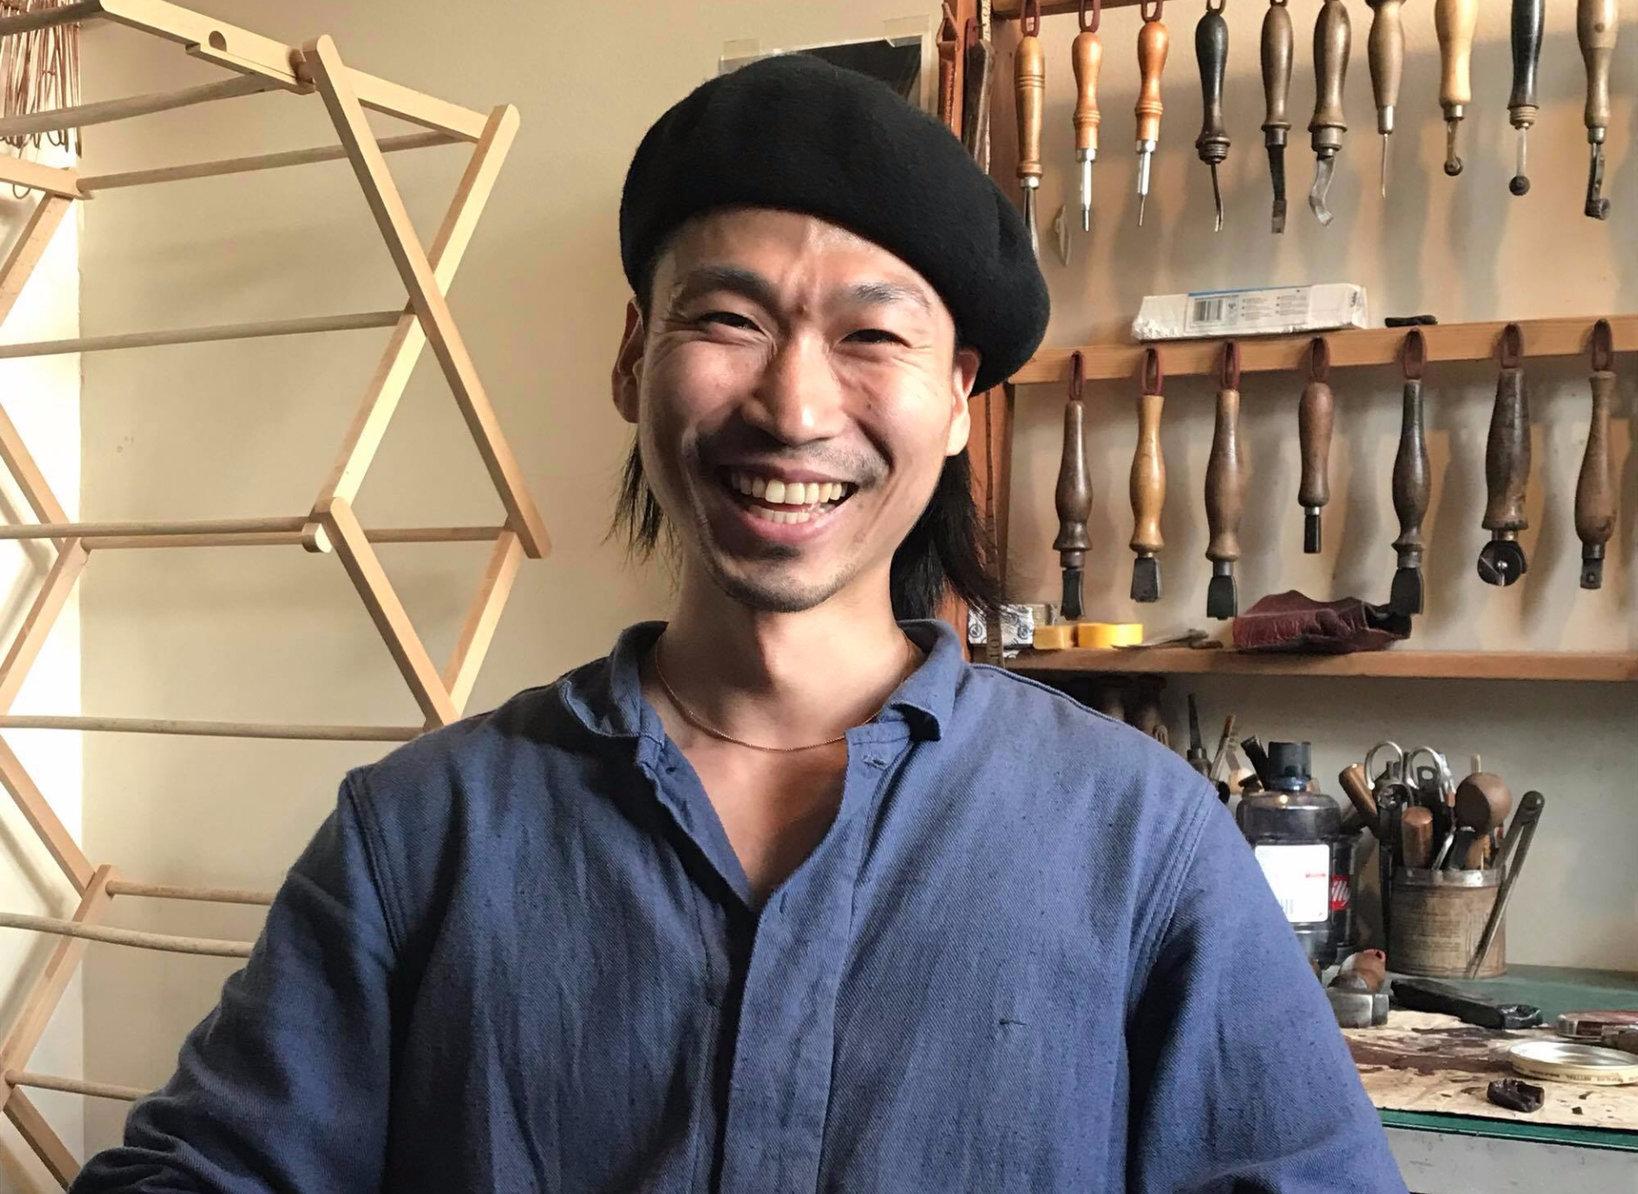 ロンドンで活躍する若き職人、和田寛世(かんせい)さん